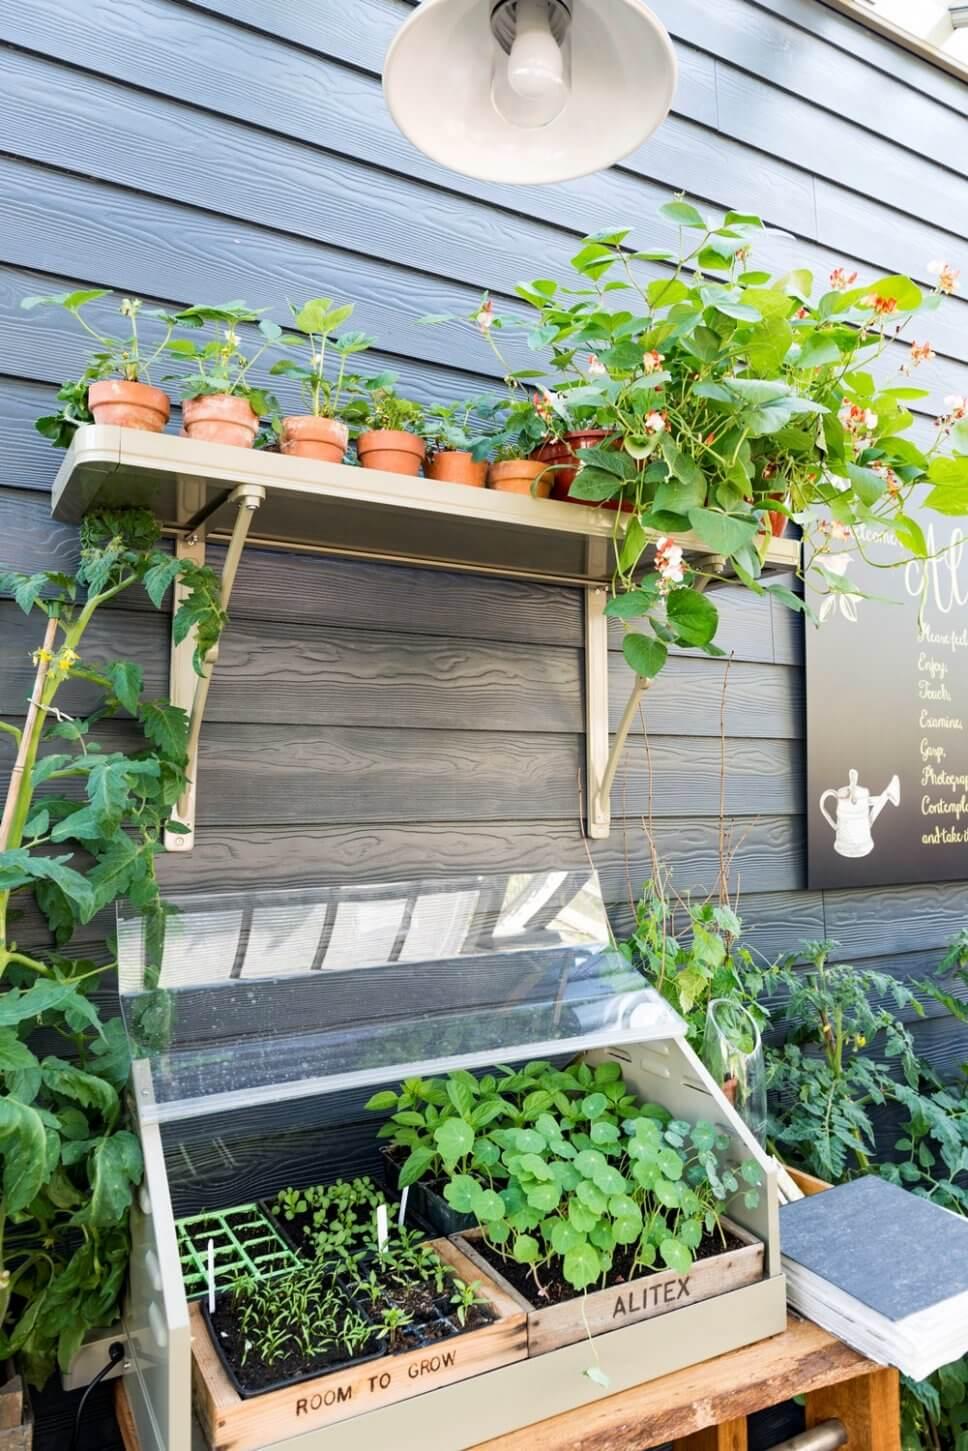 Miniaturgewächshaus mit kleinen Pflänzchen in Holzkisten und Tontöpfen